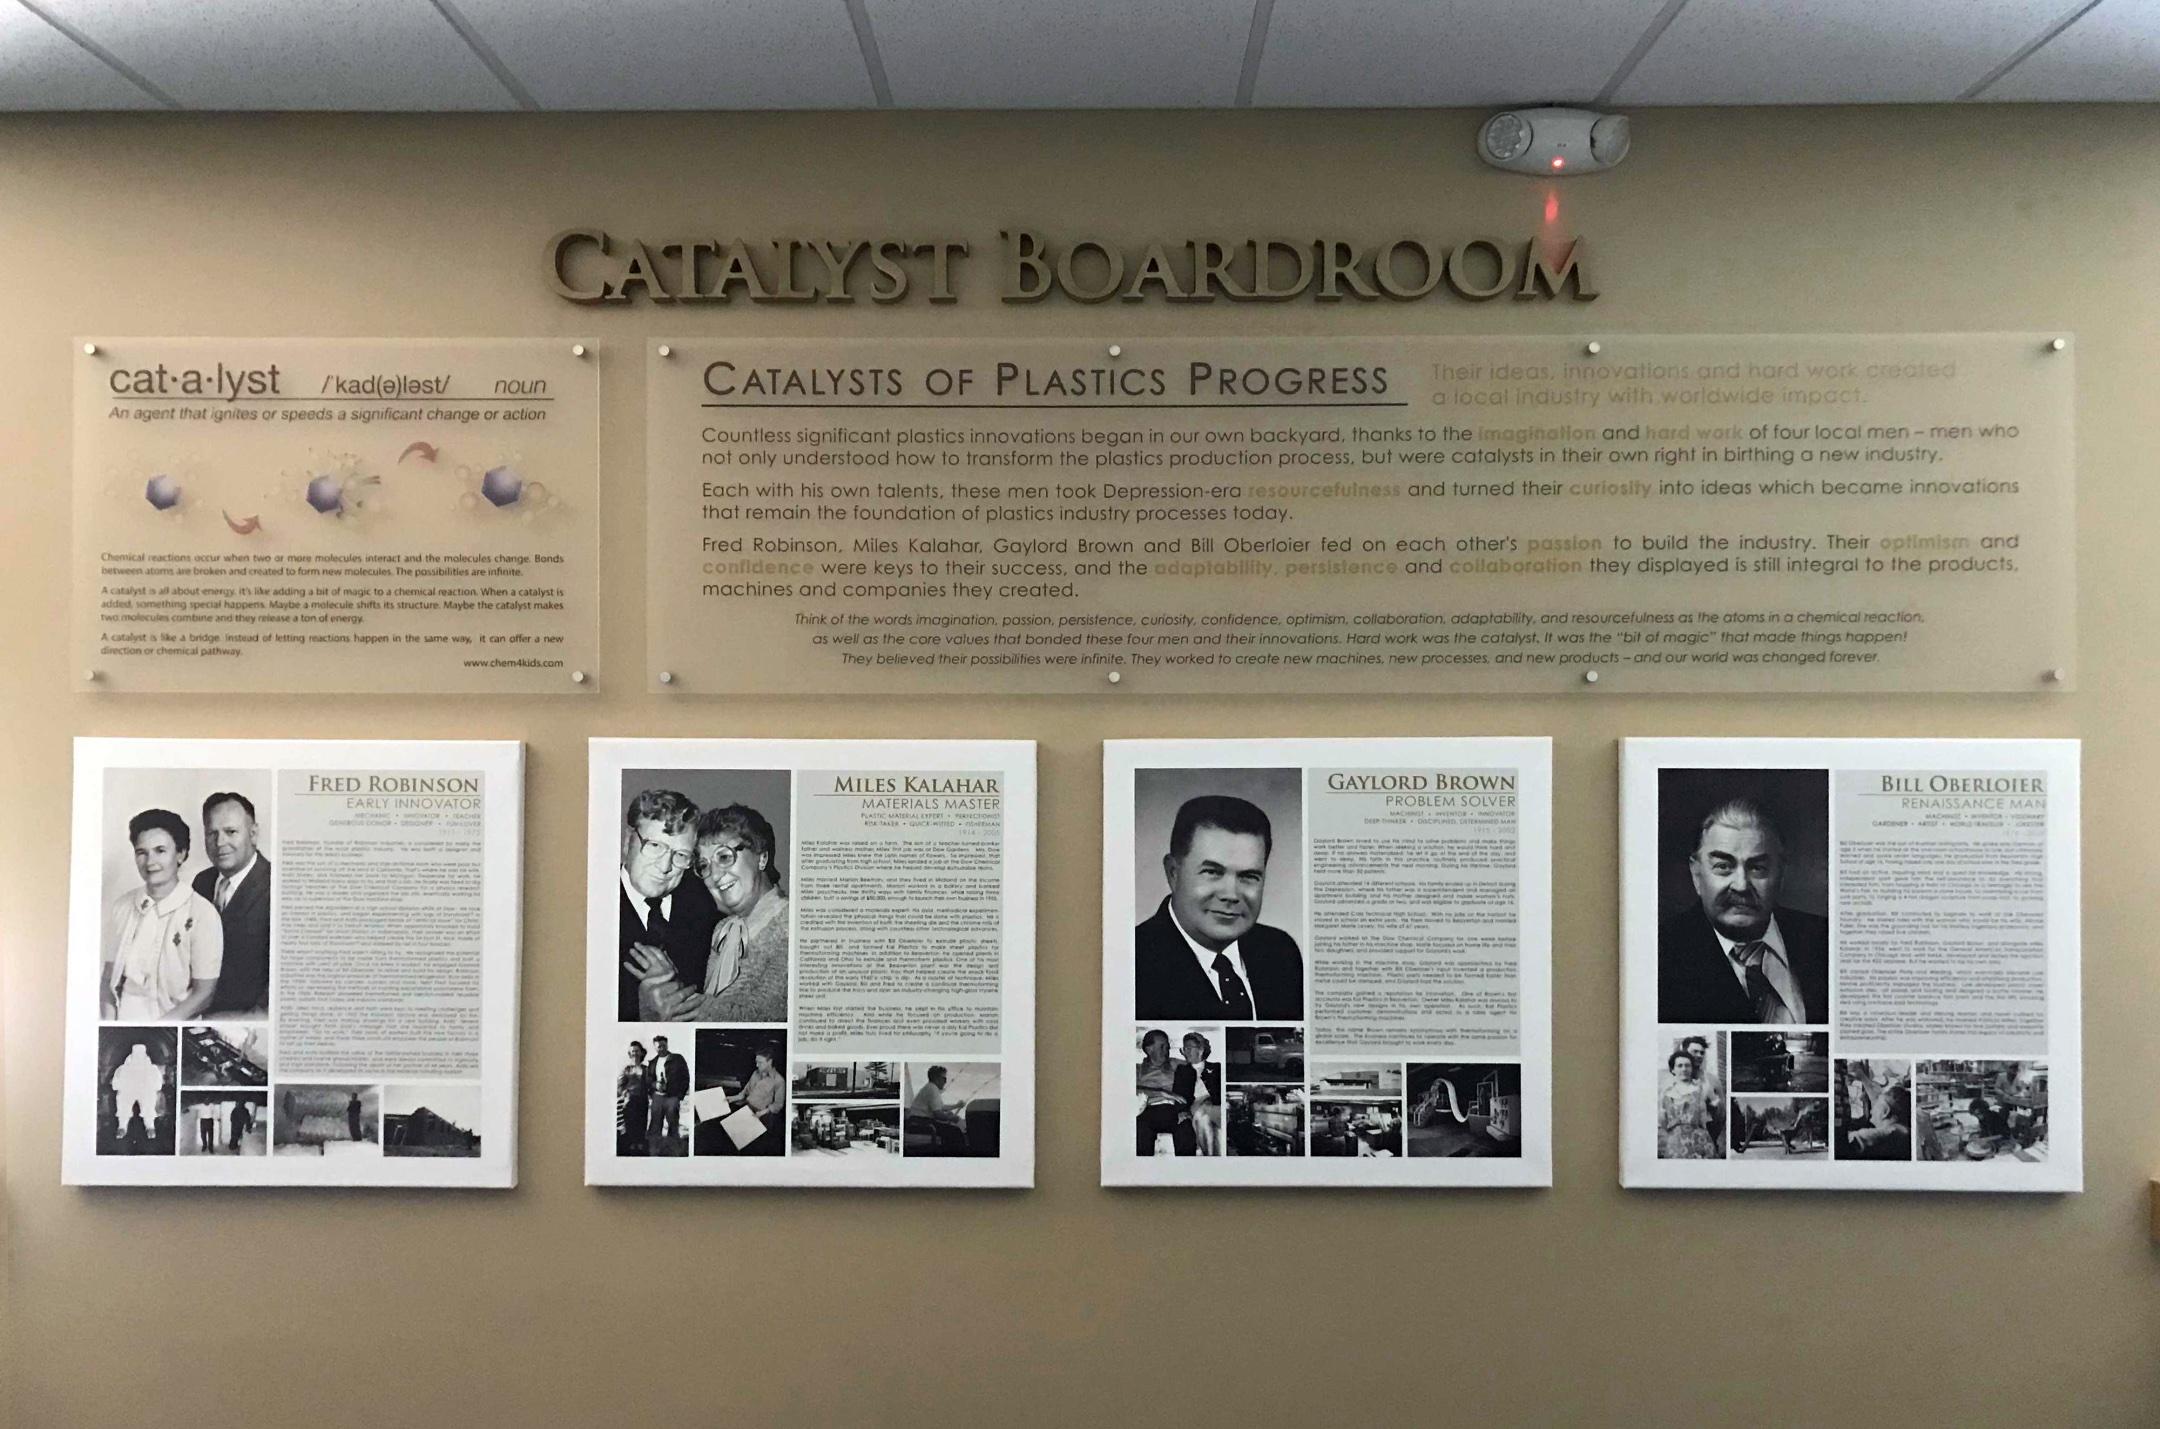 catalyst boardroom wall